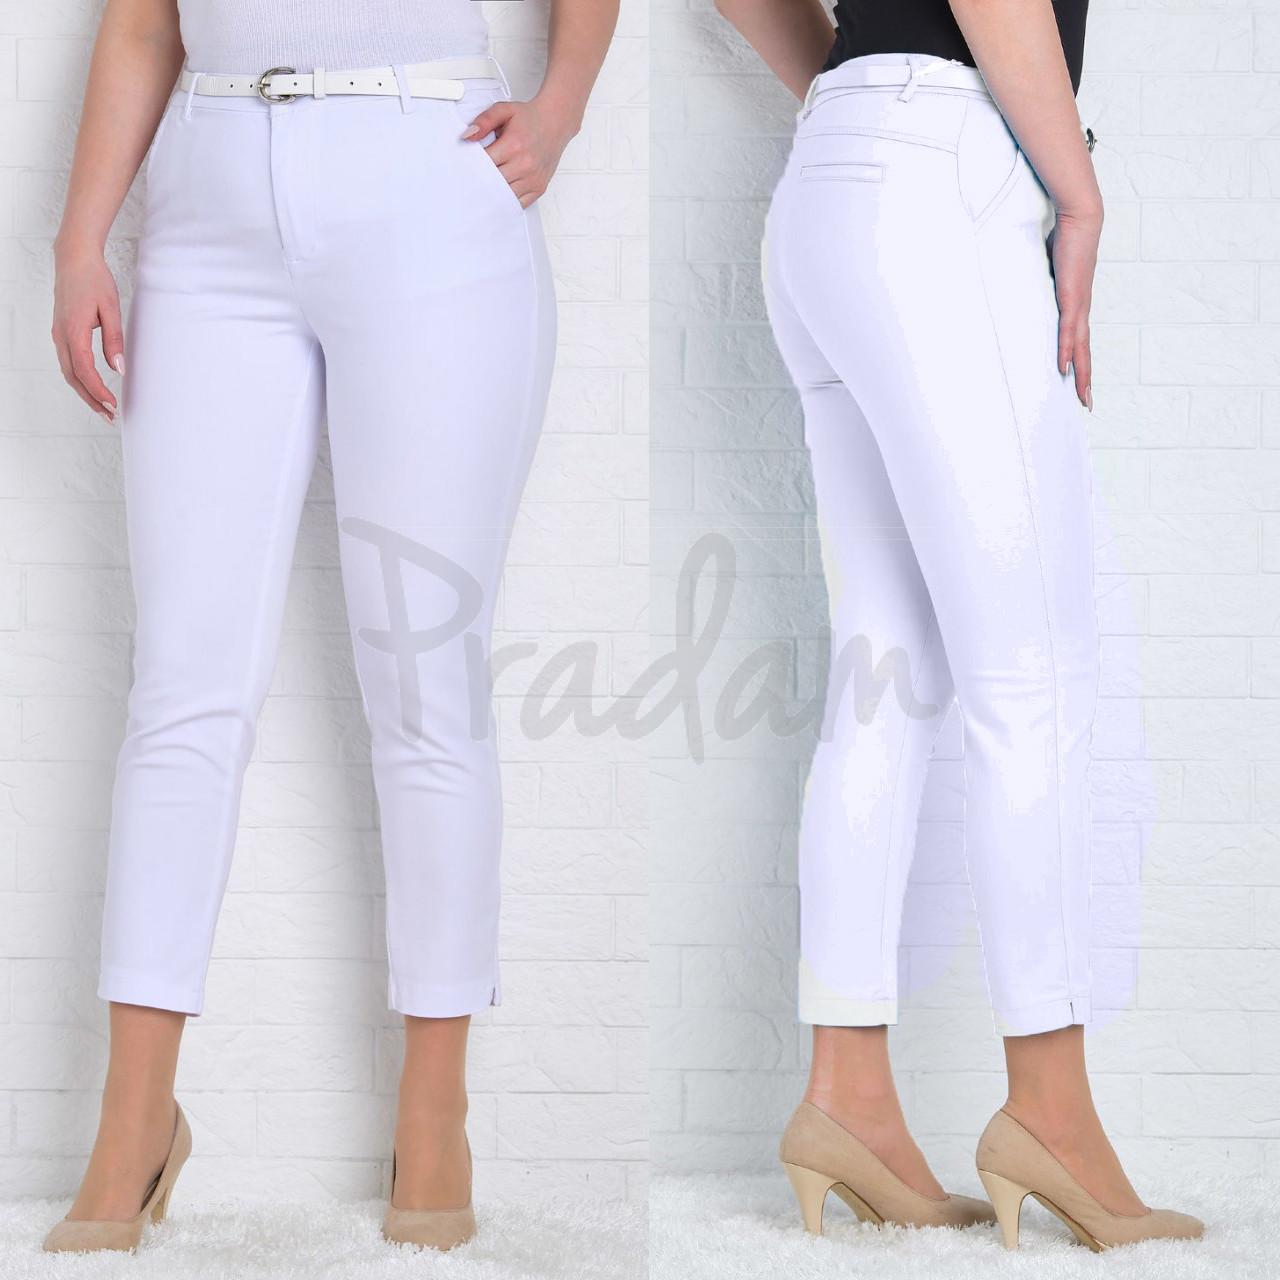 9787-B (GS9787B) Moon girl брюки женские батальные 7/8 белые весенние стрейчевые (30-42, 6/12 ед.)